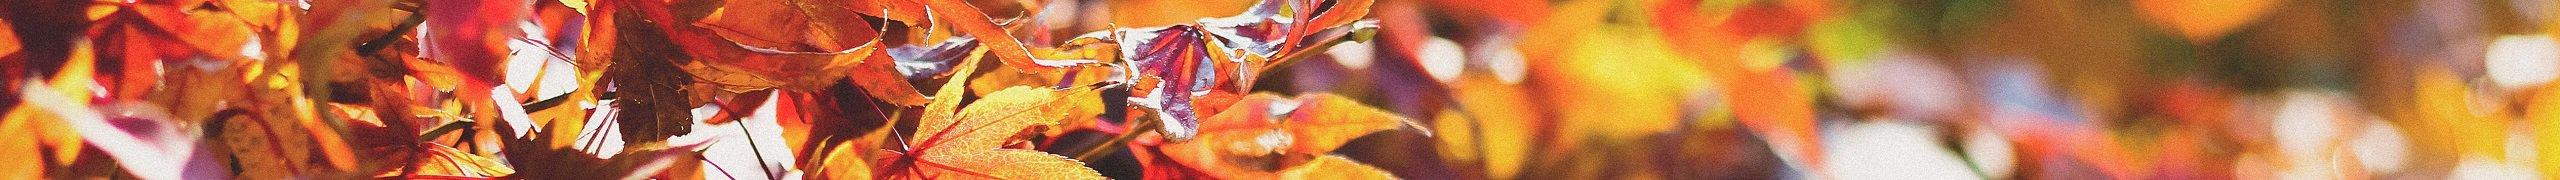 Őszi szünet + Wellness